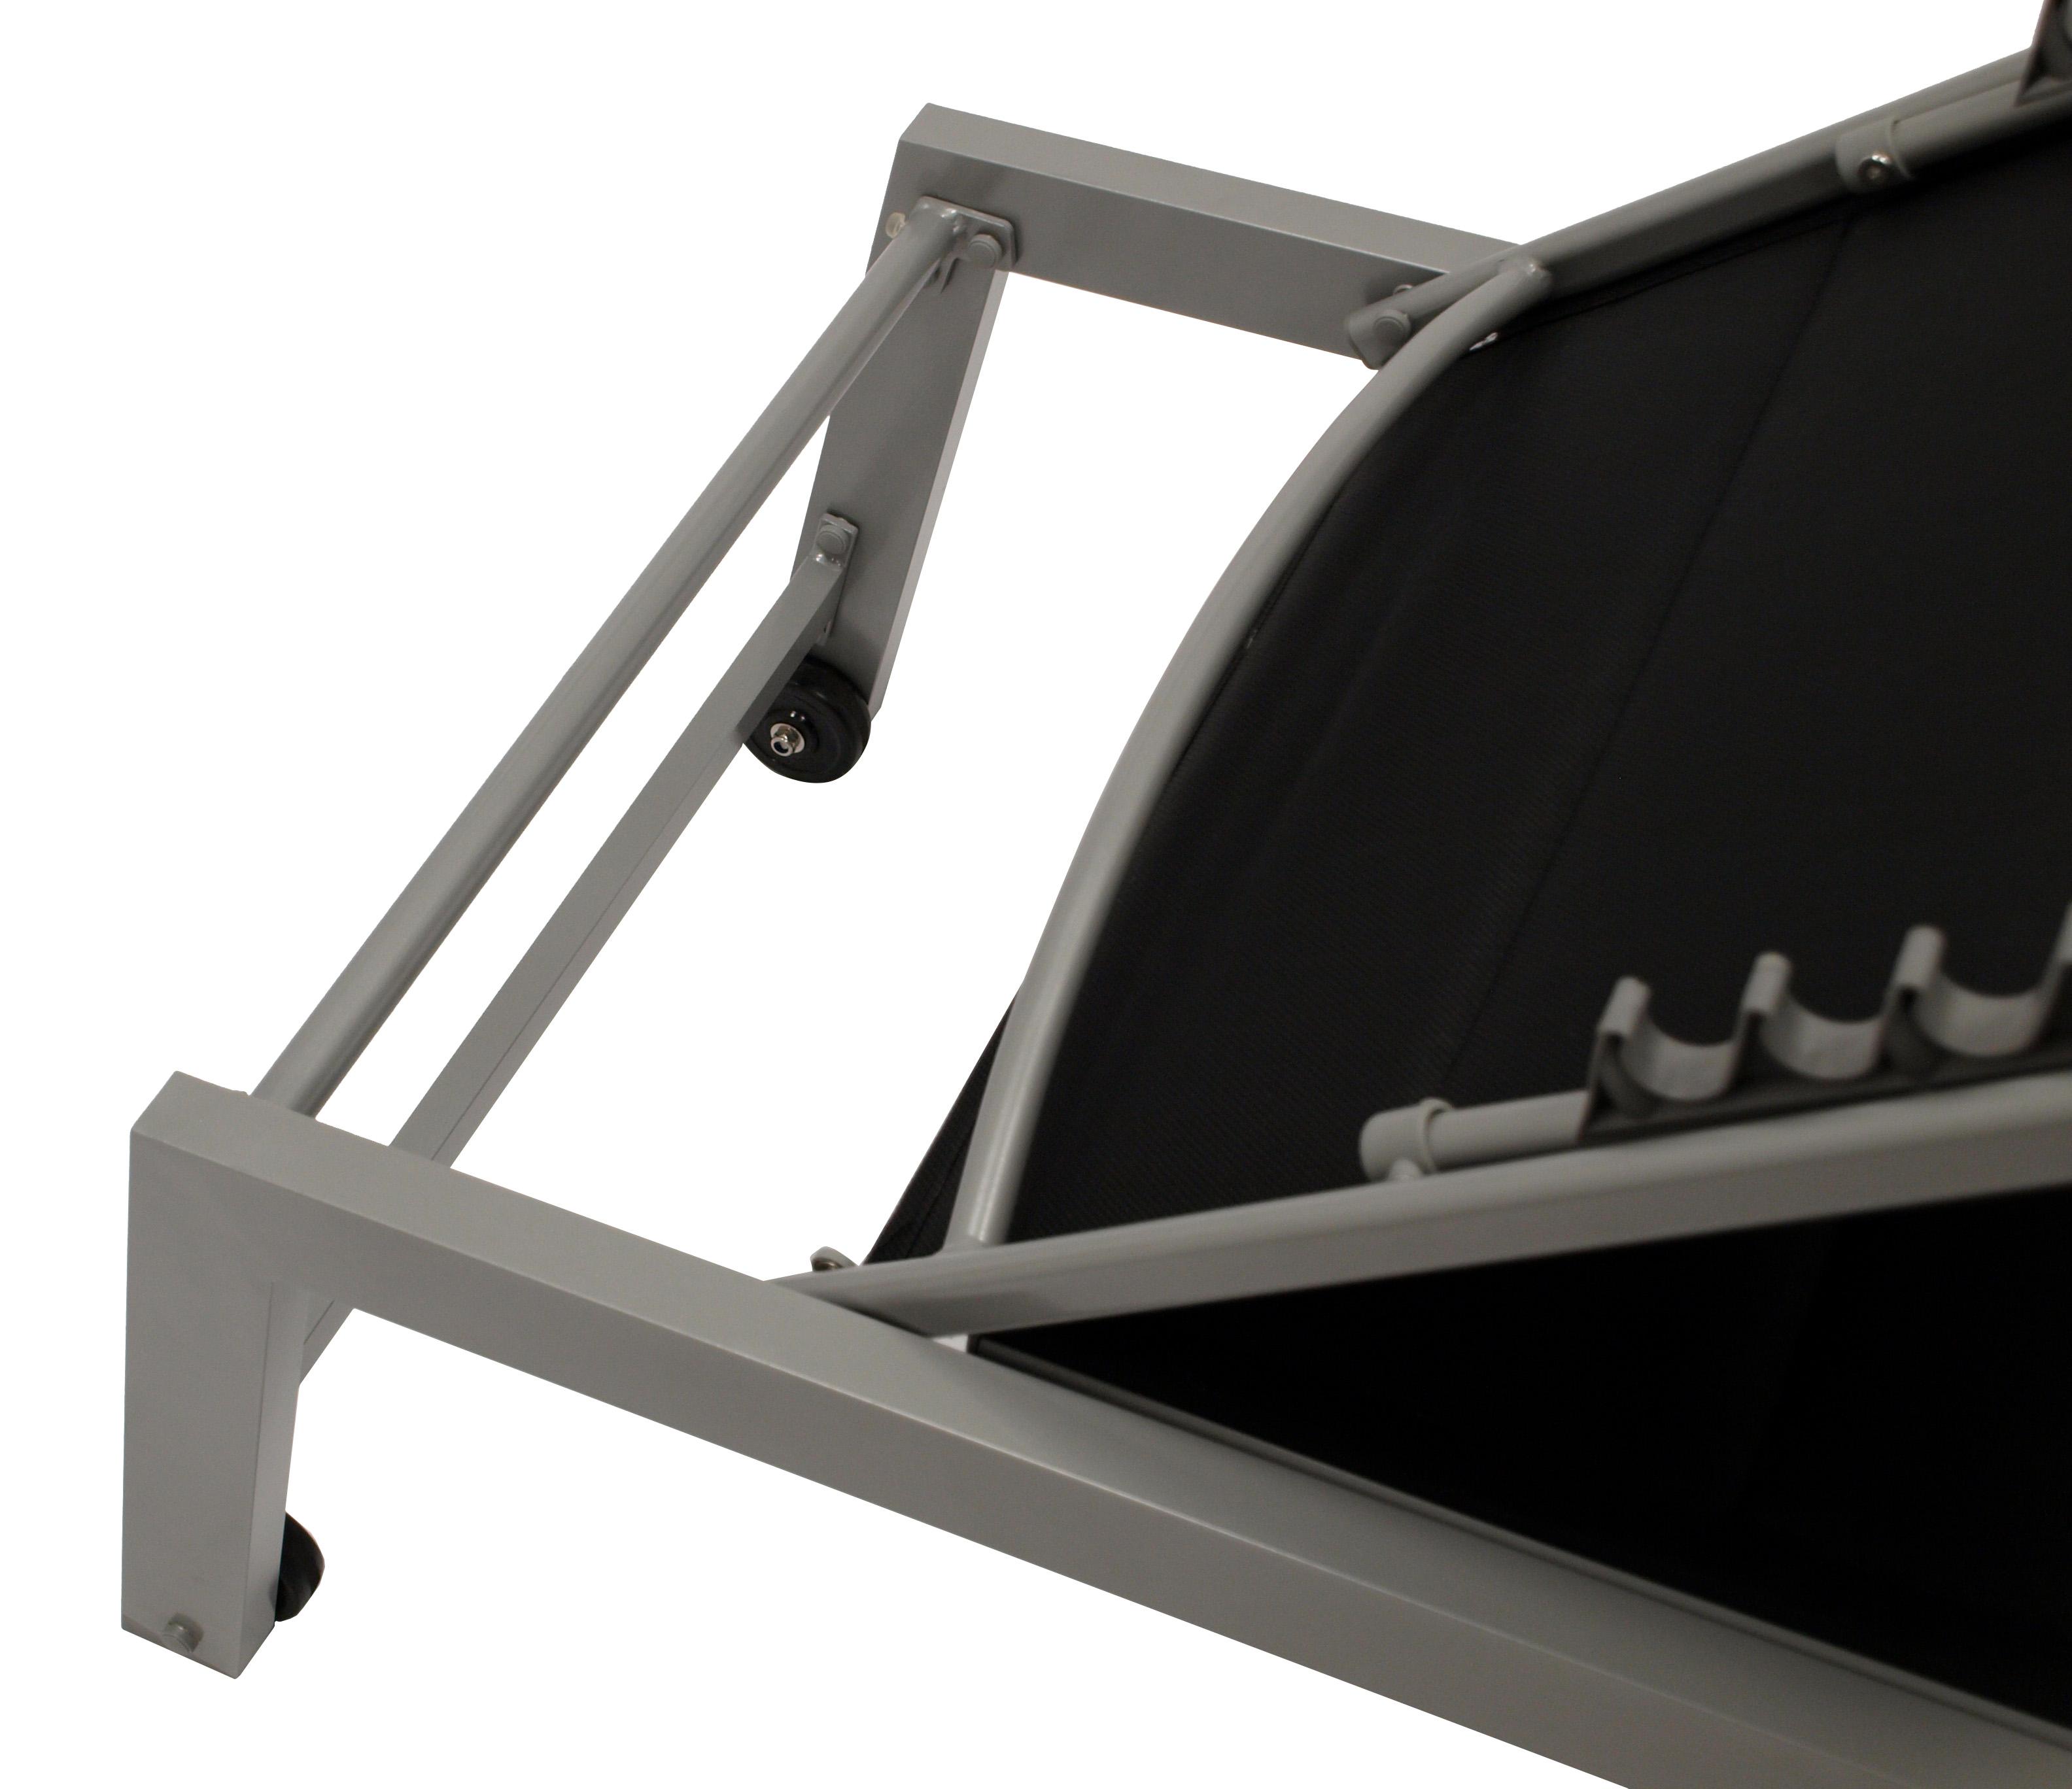 Rollenliege GIRONA extra hoch, Aluminium silber + Textilgewebe gepolstert  schwarz